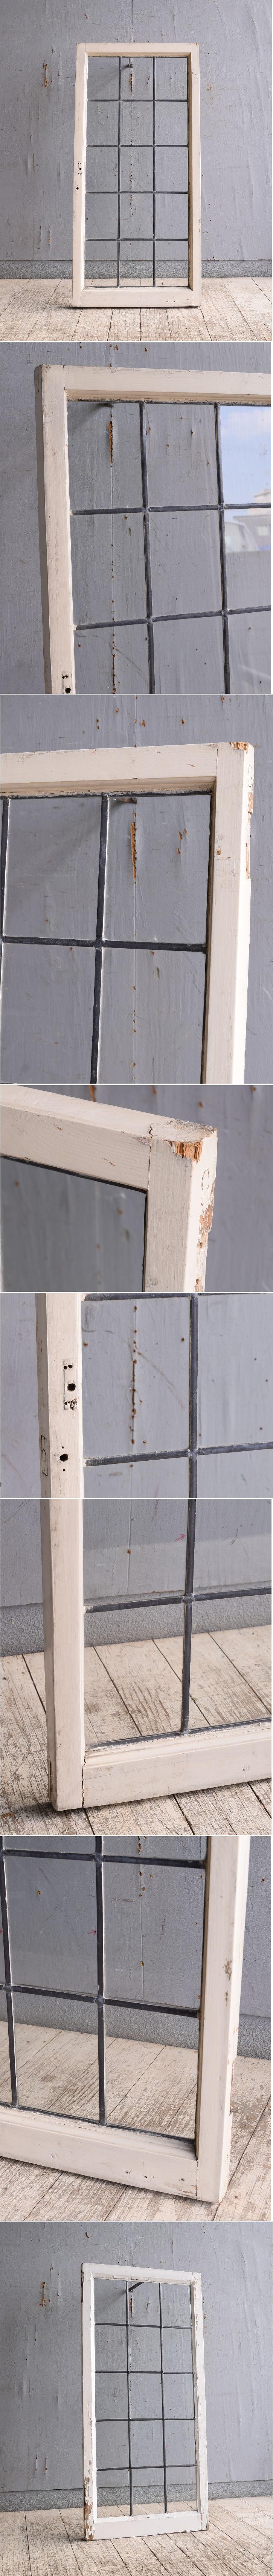 イギリス アンティーク 窓 無色透明 10175